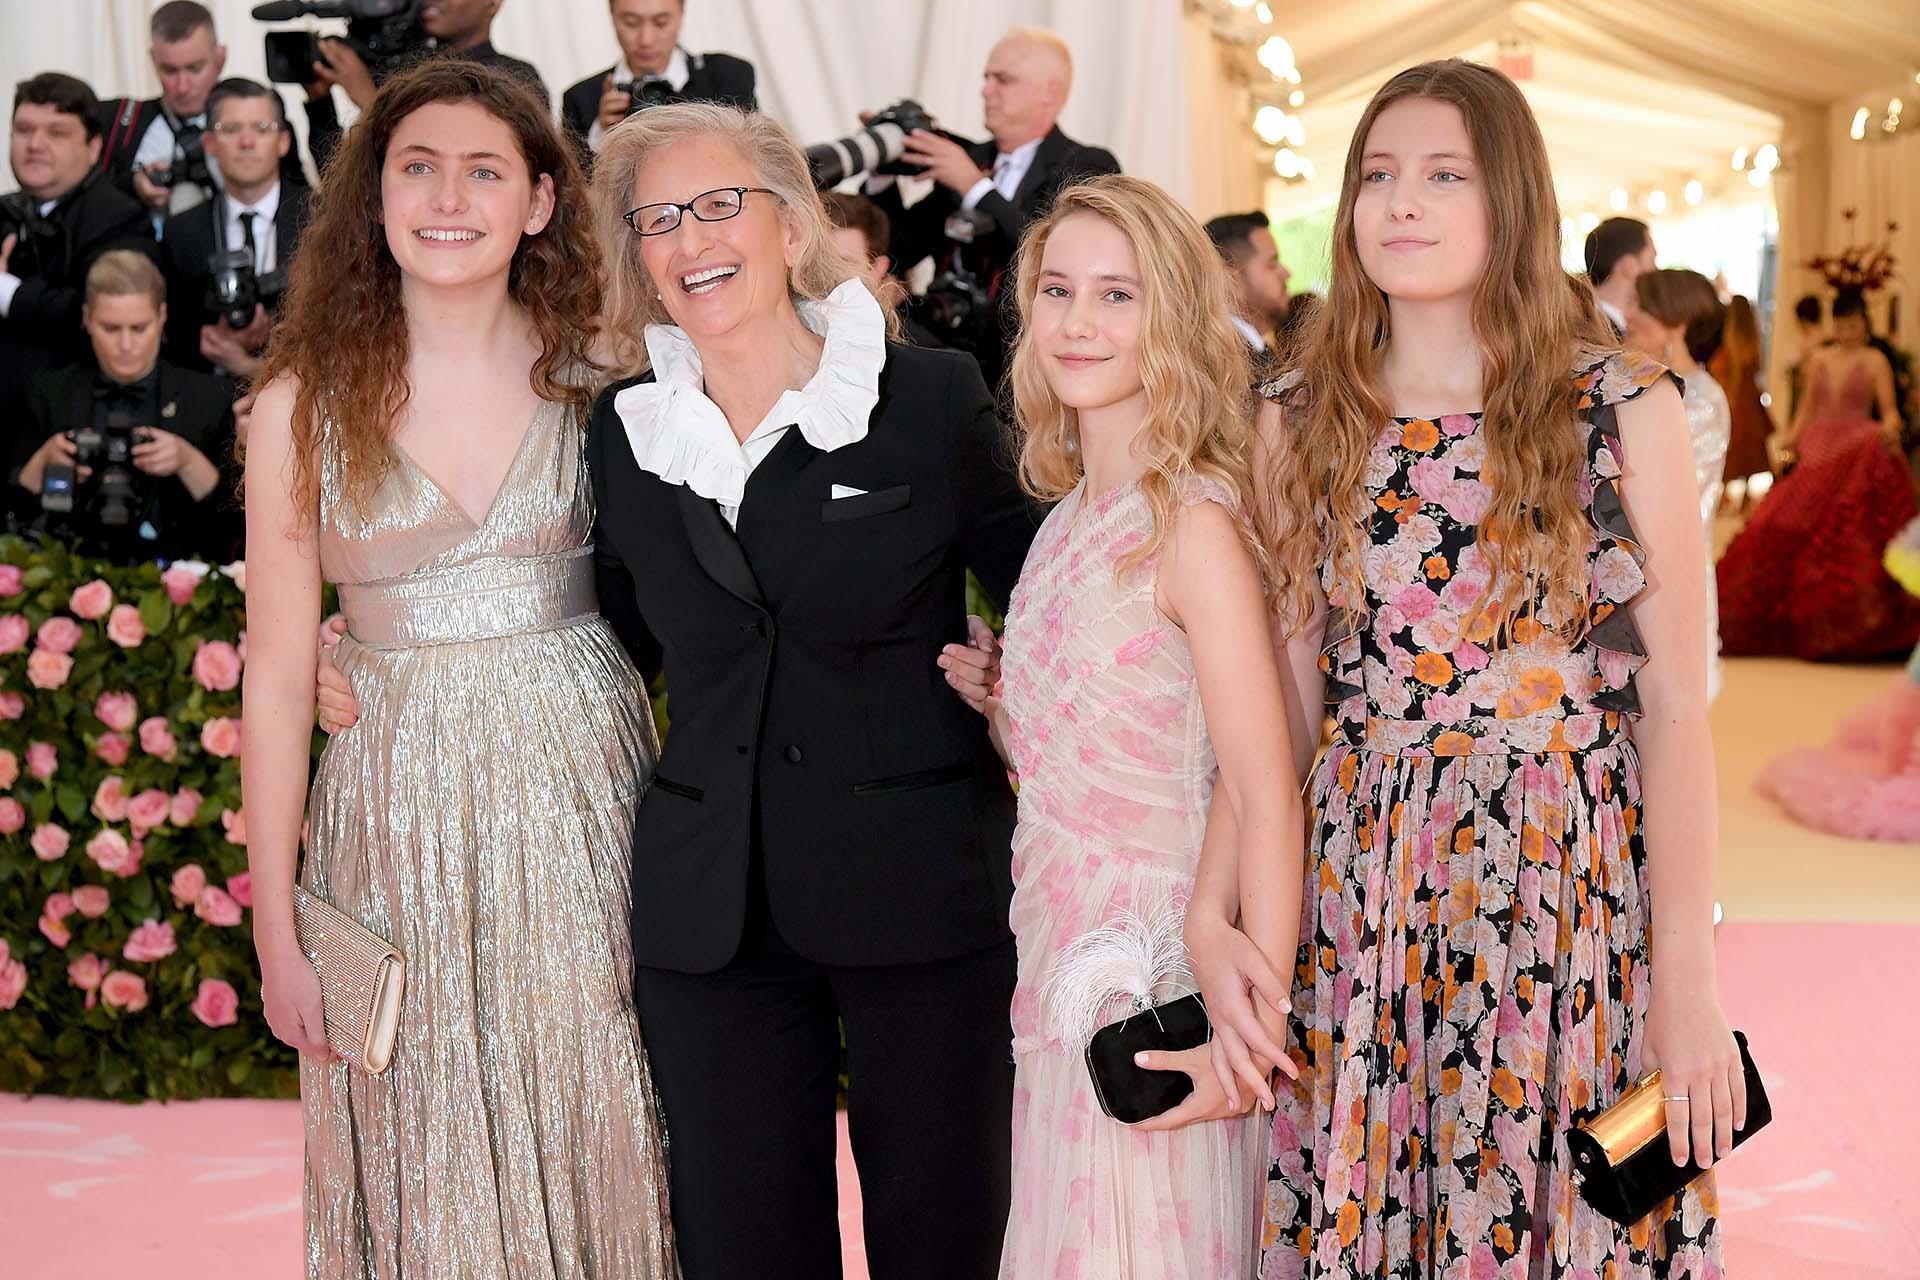 Annie Leibovitz con sus hijas Sarah Cameron Leibovitz, Samuelle Rhinebeck y Susan Leibovitz, optaron por atuendos quizás menos arriesgados que se inclinan a un look boho chic